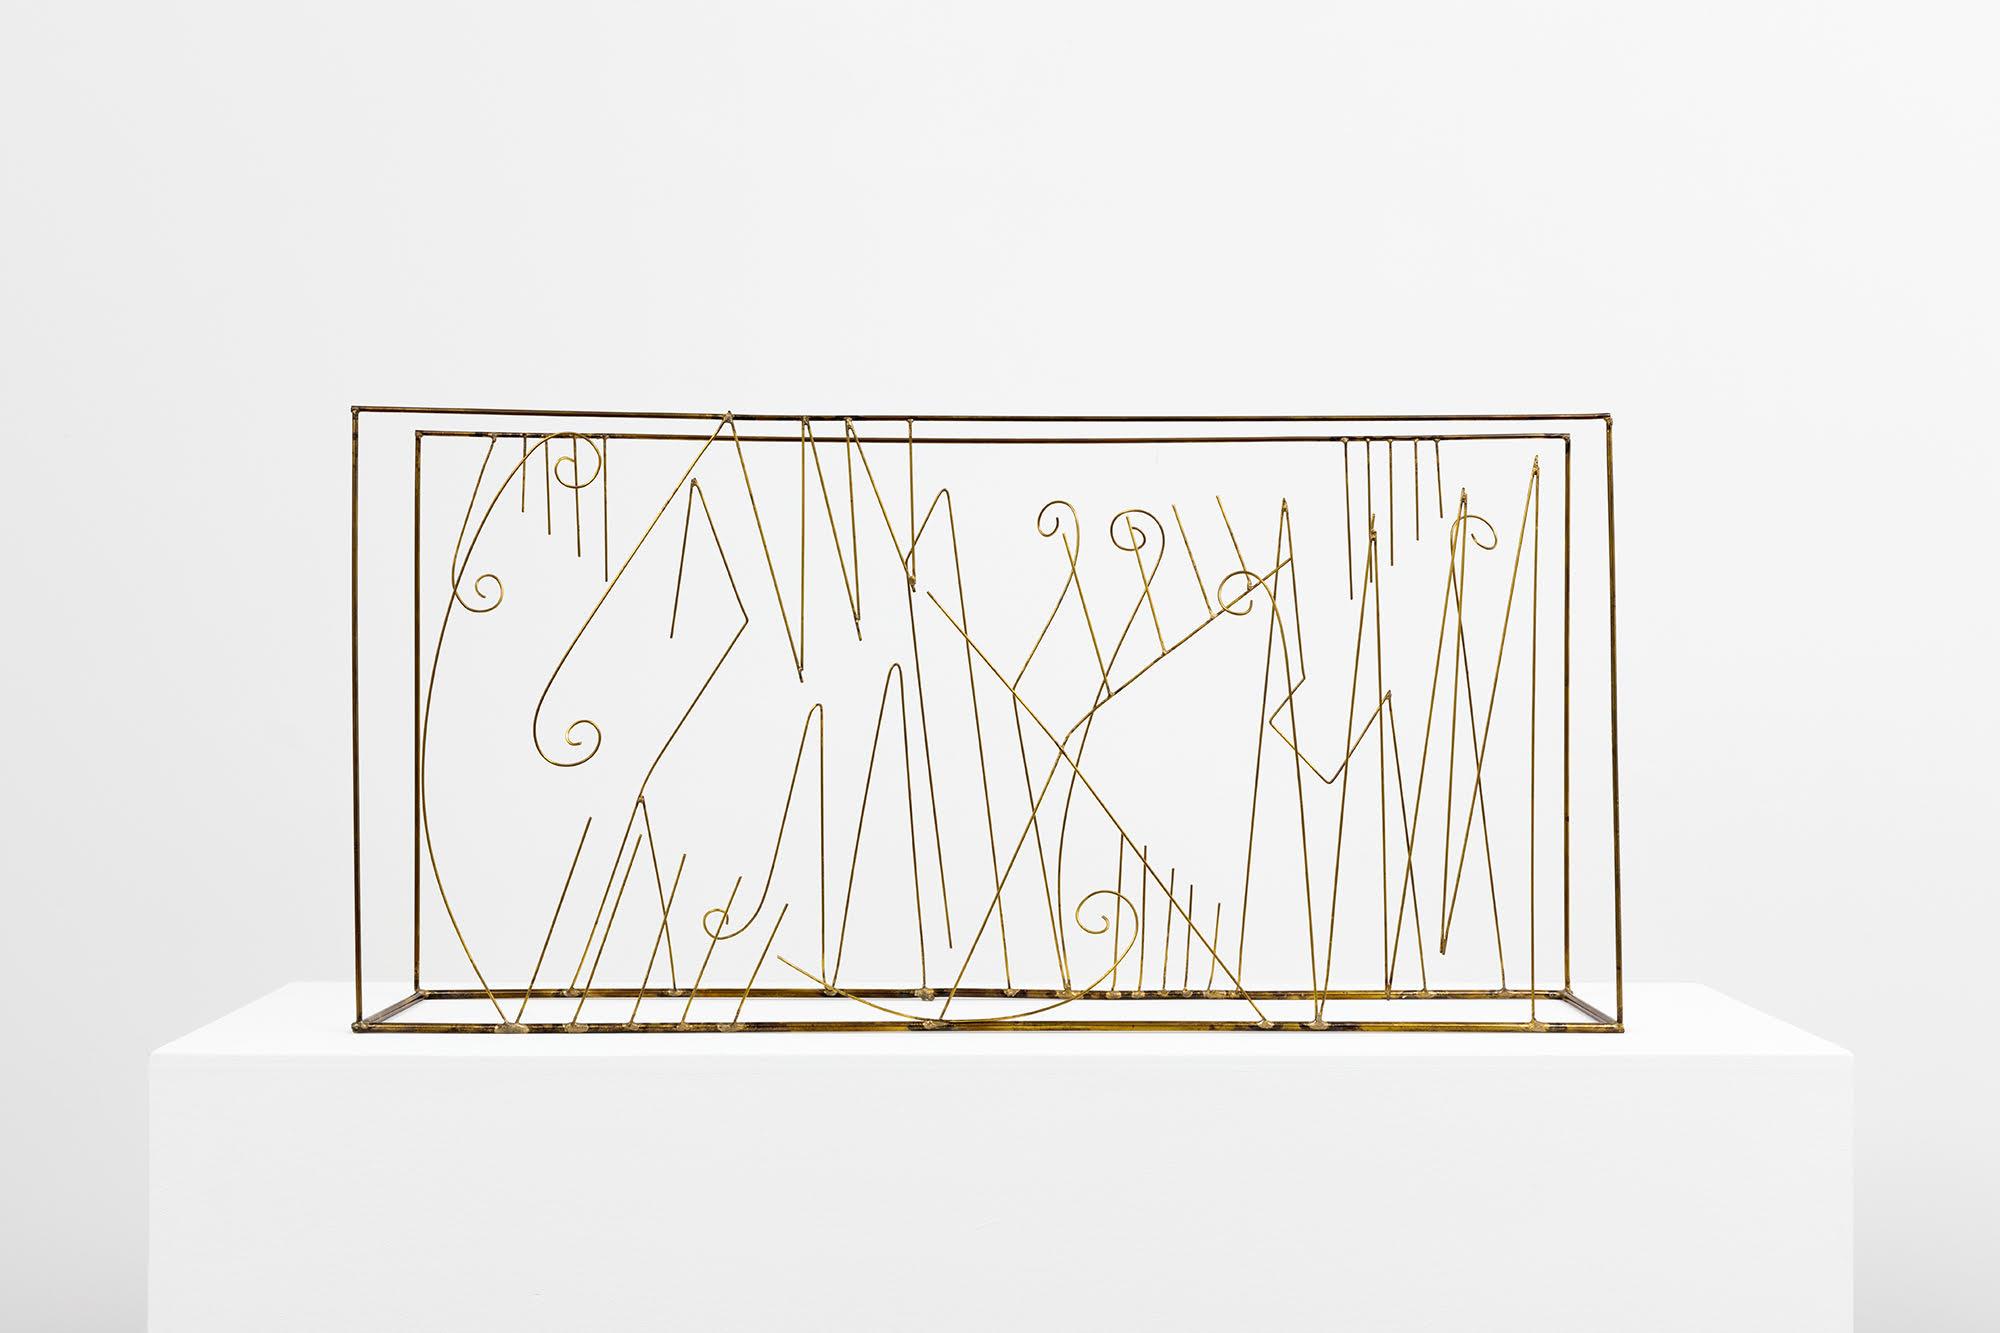 FAUSTO MELOTTI Contrappunto in Omaggio a G. Petrassi, 1980 ottone, 31 × 65,5 × 12,5 cm